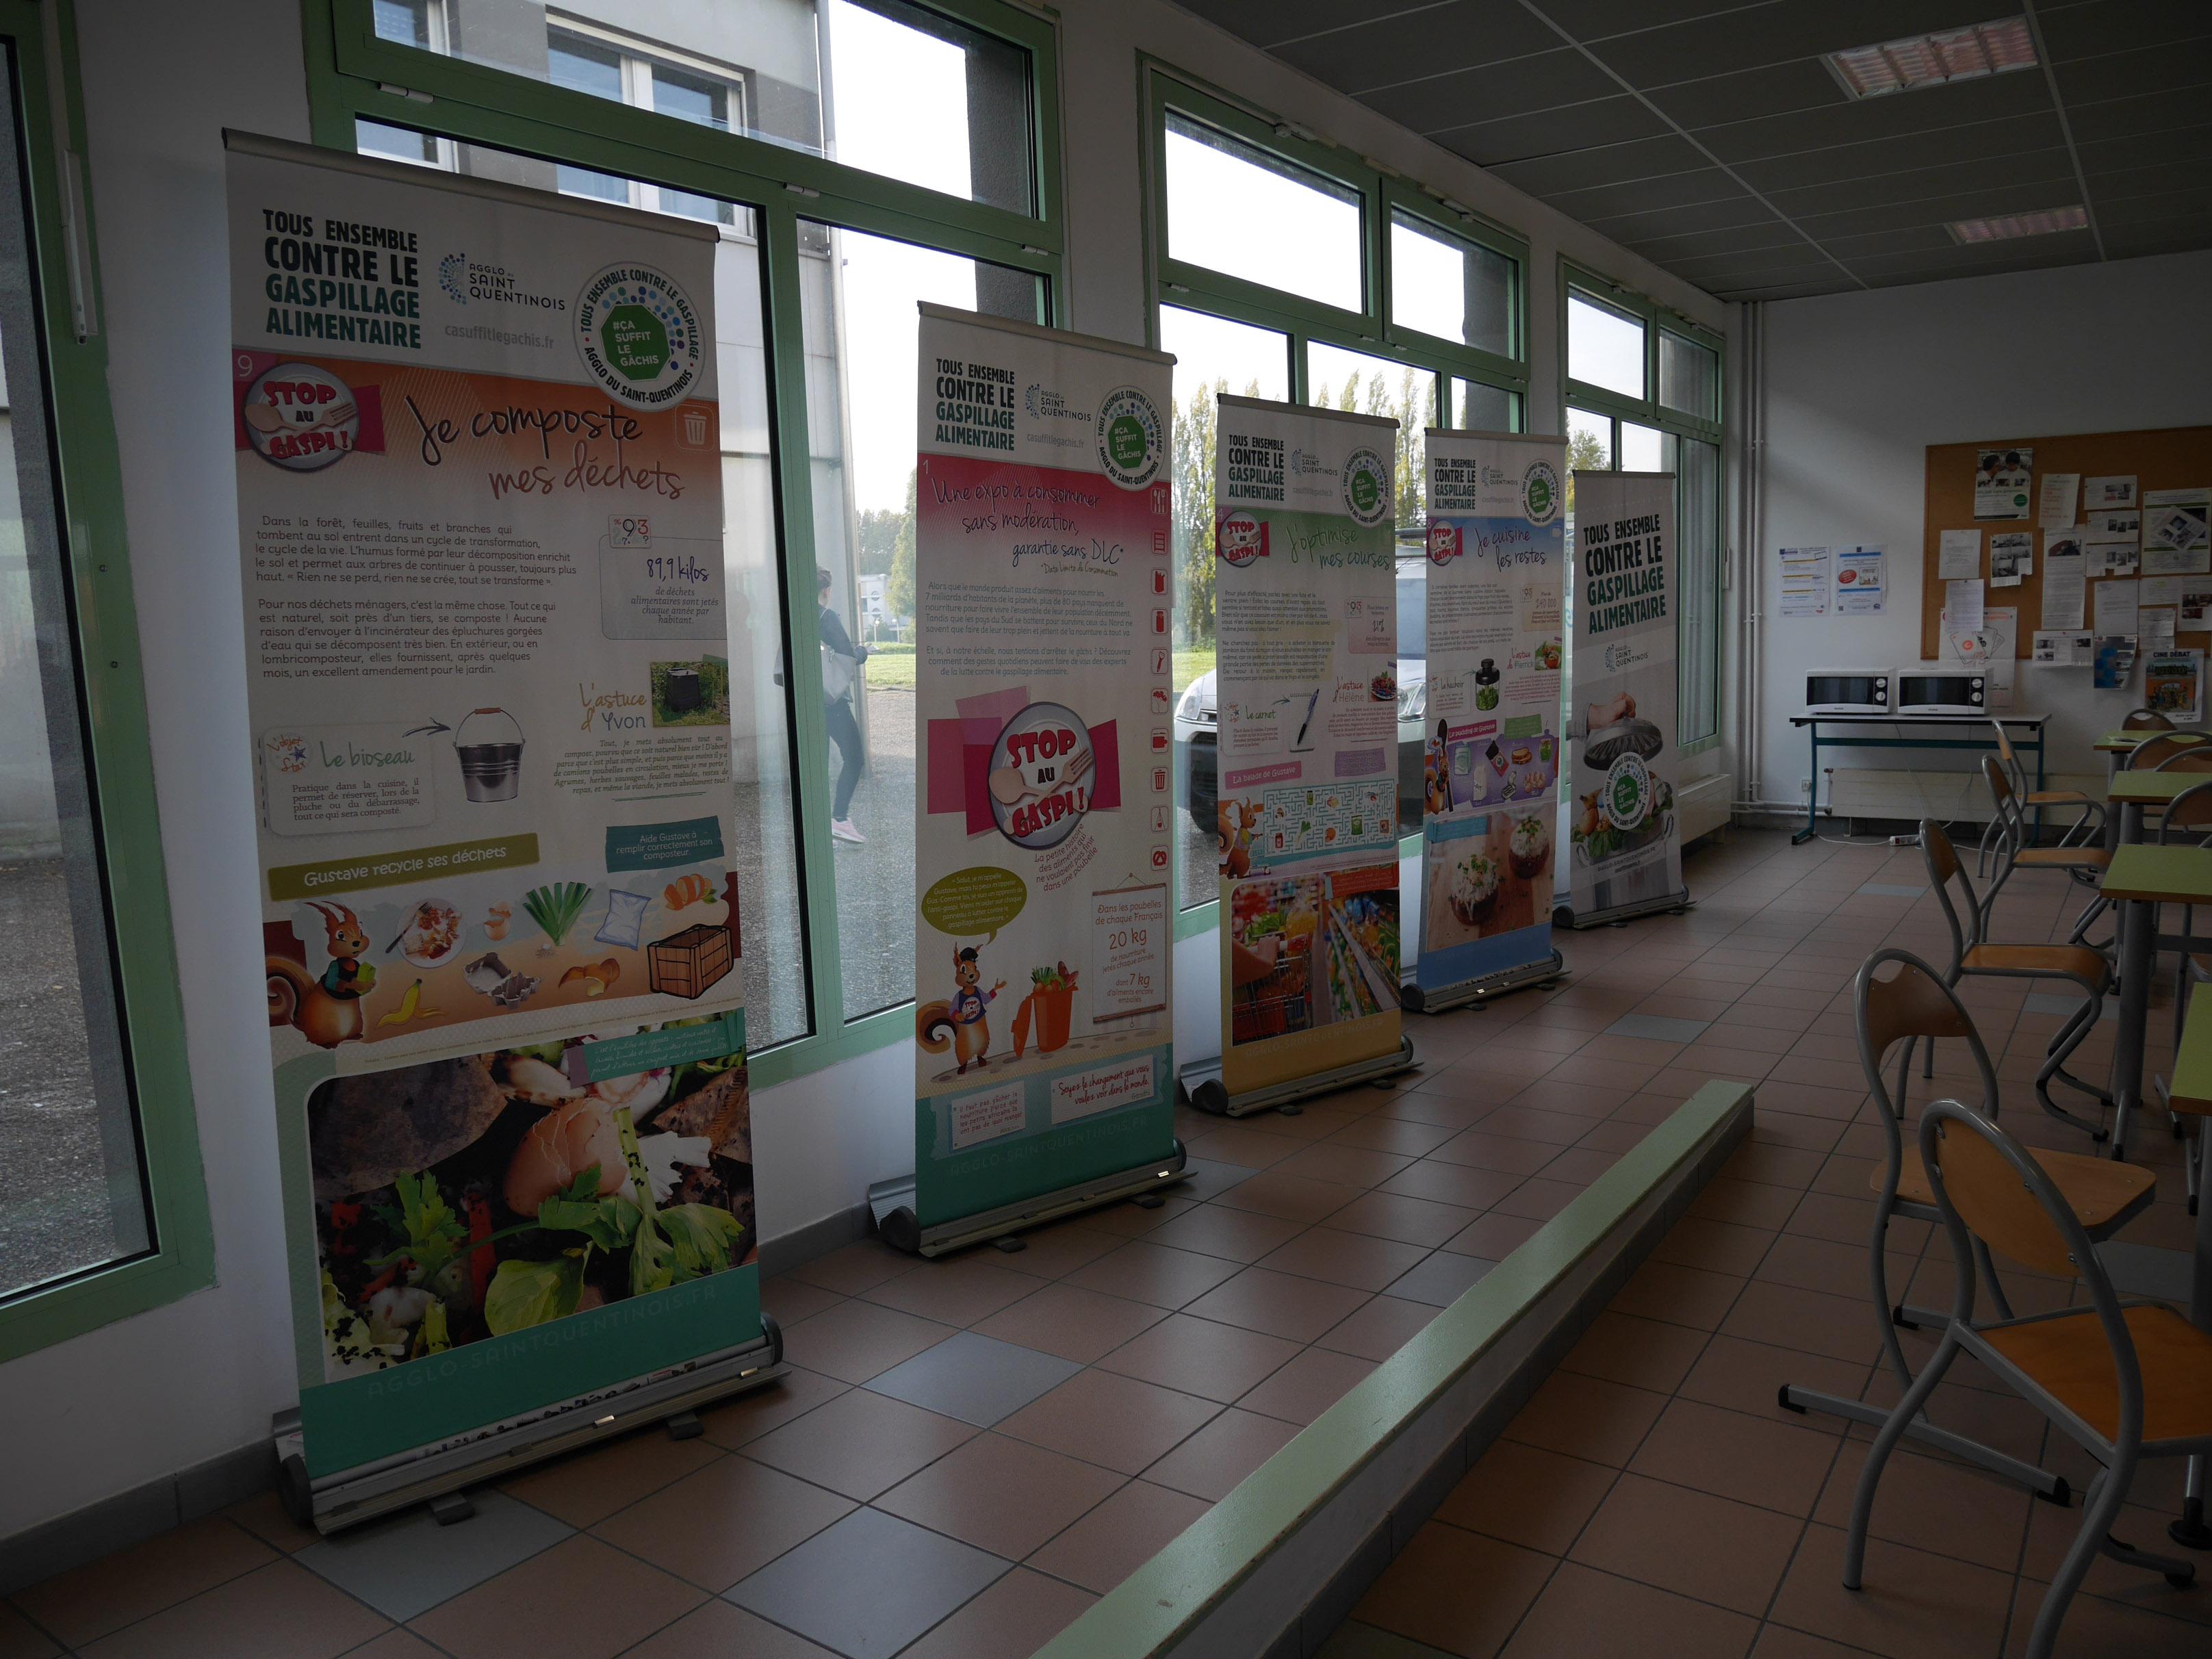 Le gaspillage alimentaire - Agglomération du Saint Quentinois